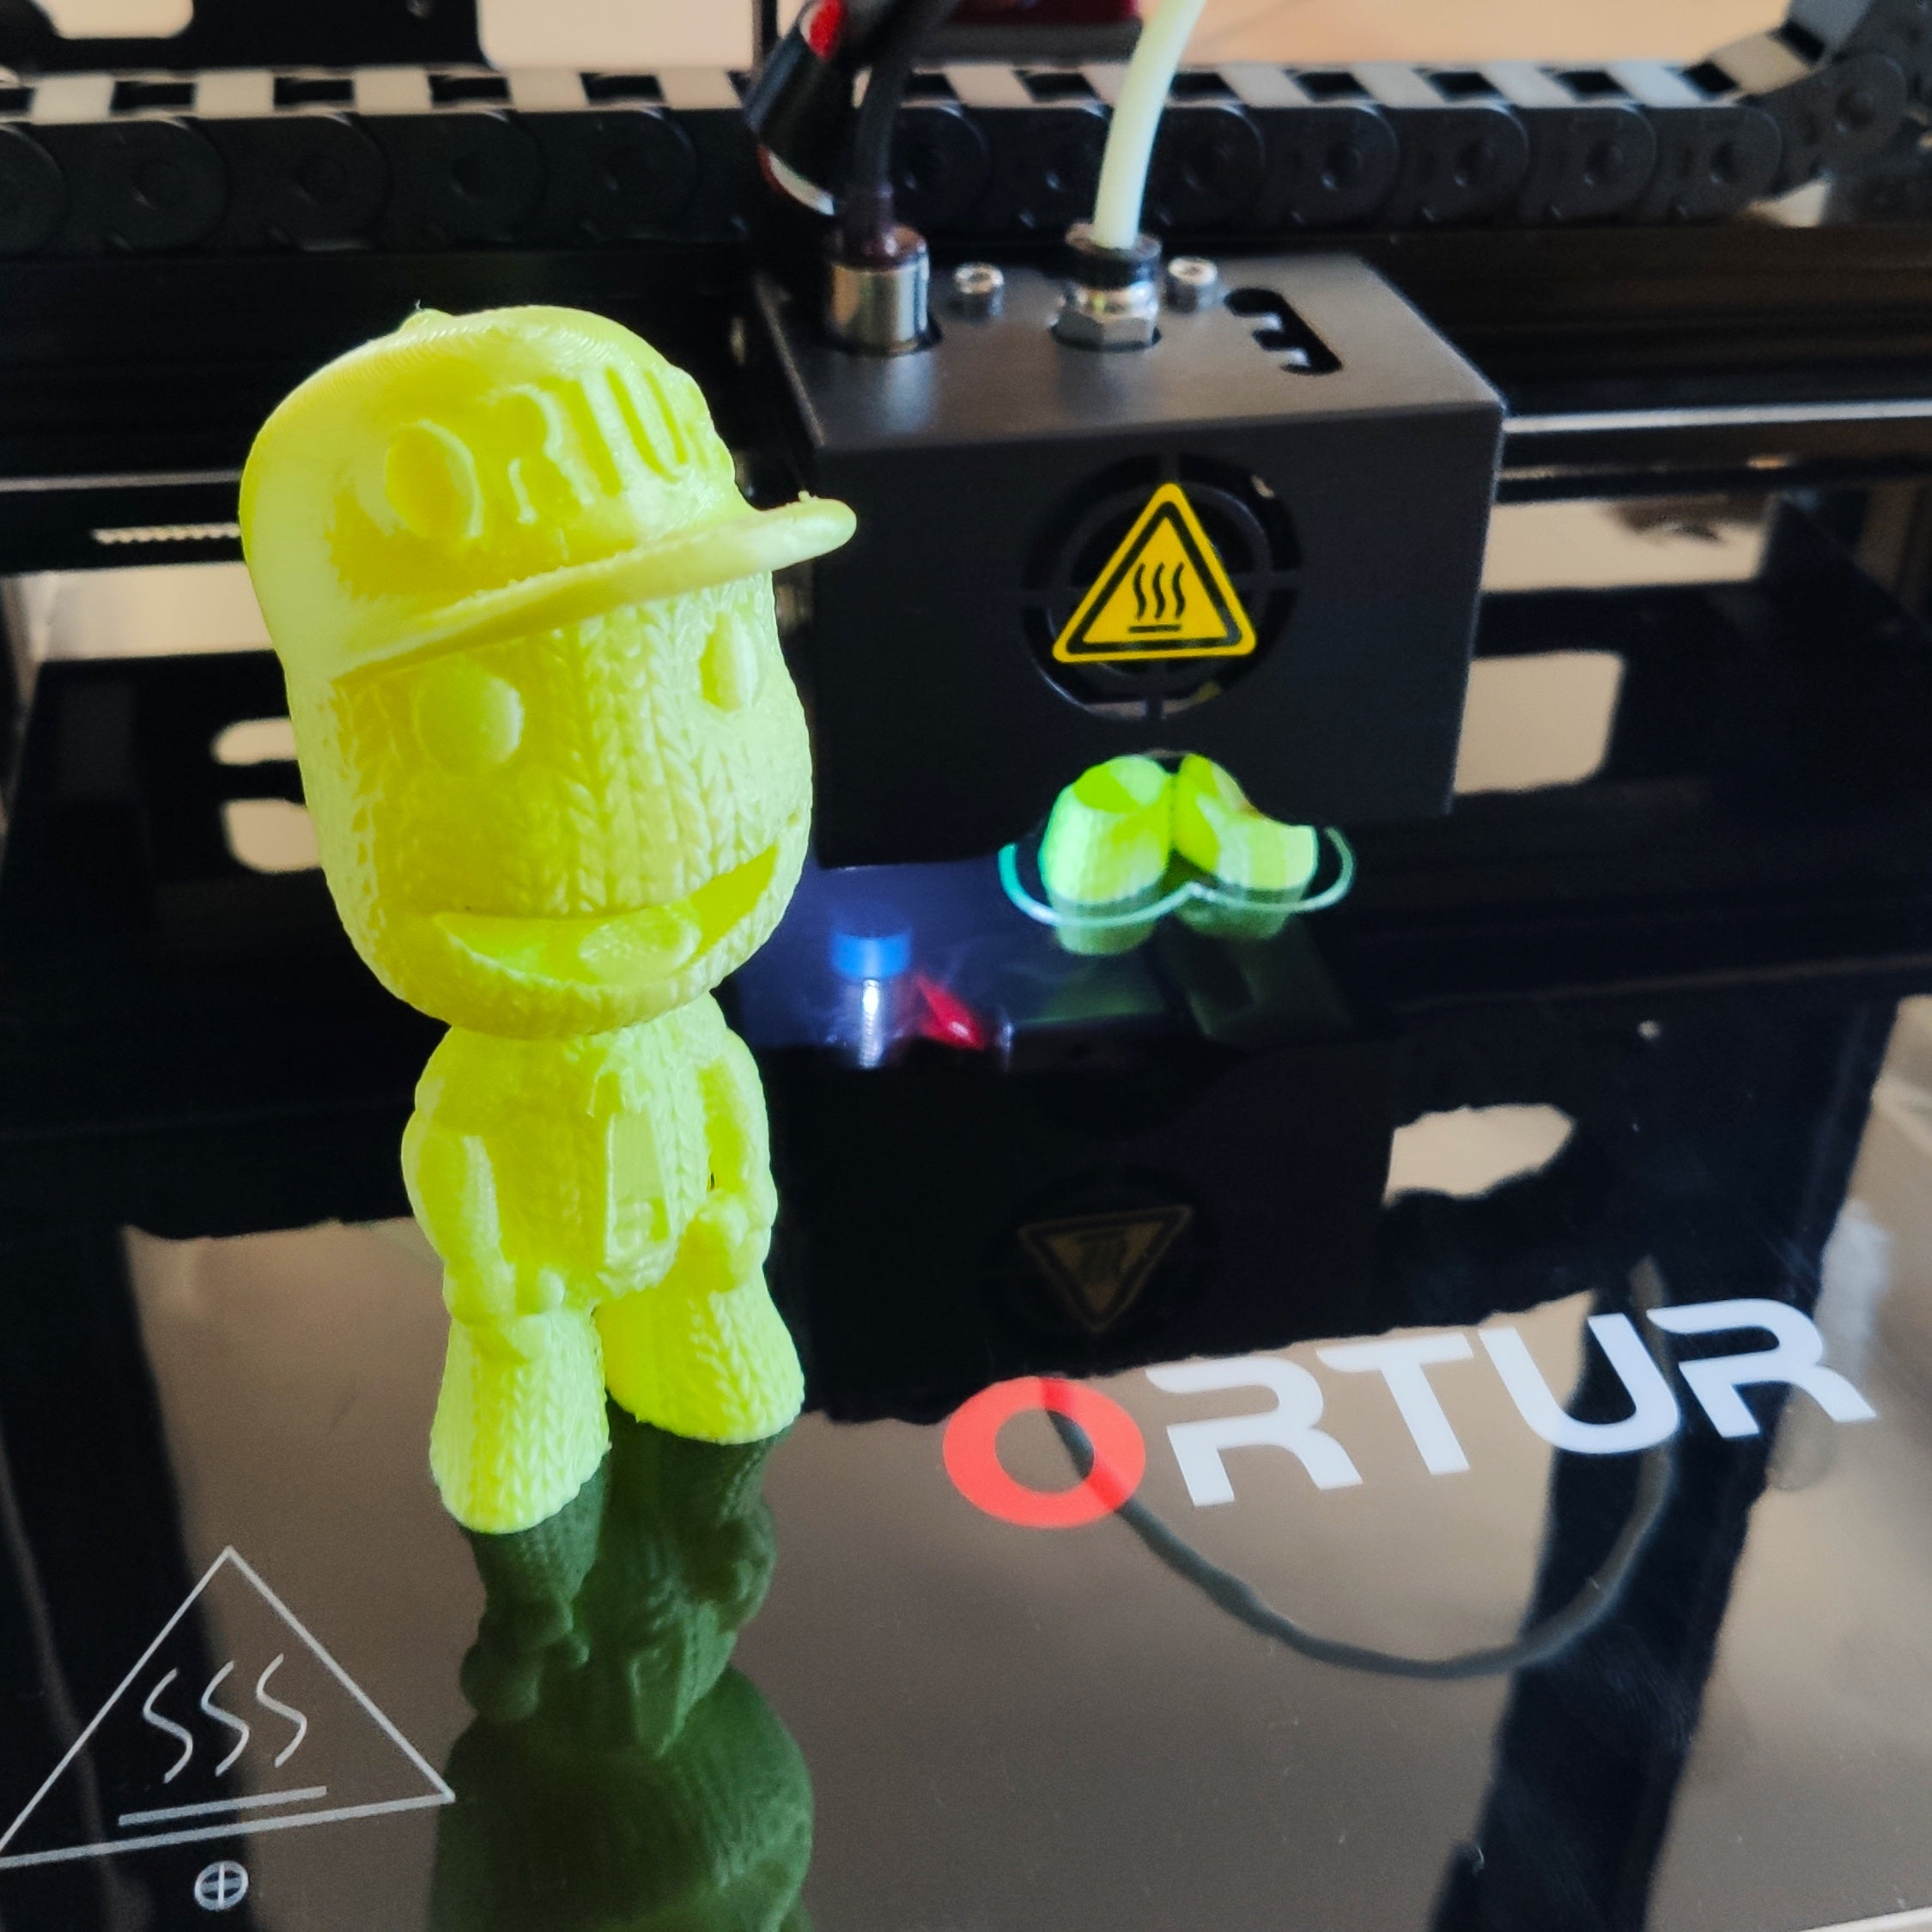 gsrgegg.jpg Download free STL file ORTUR Boy - 3D printing Test • 3D print design, FiveNights